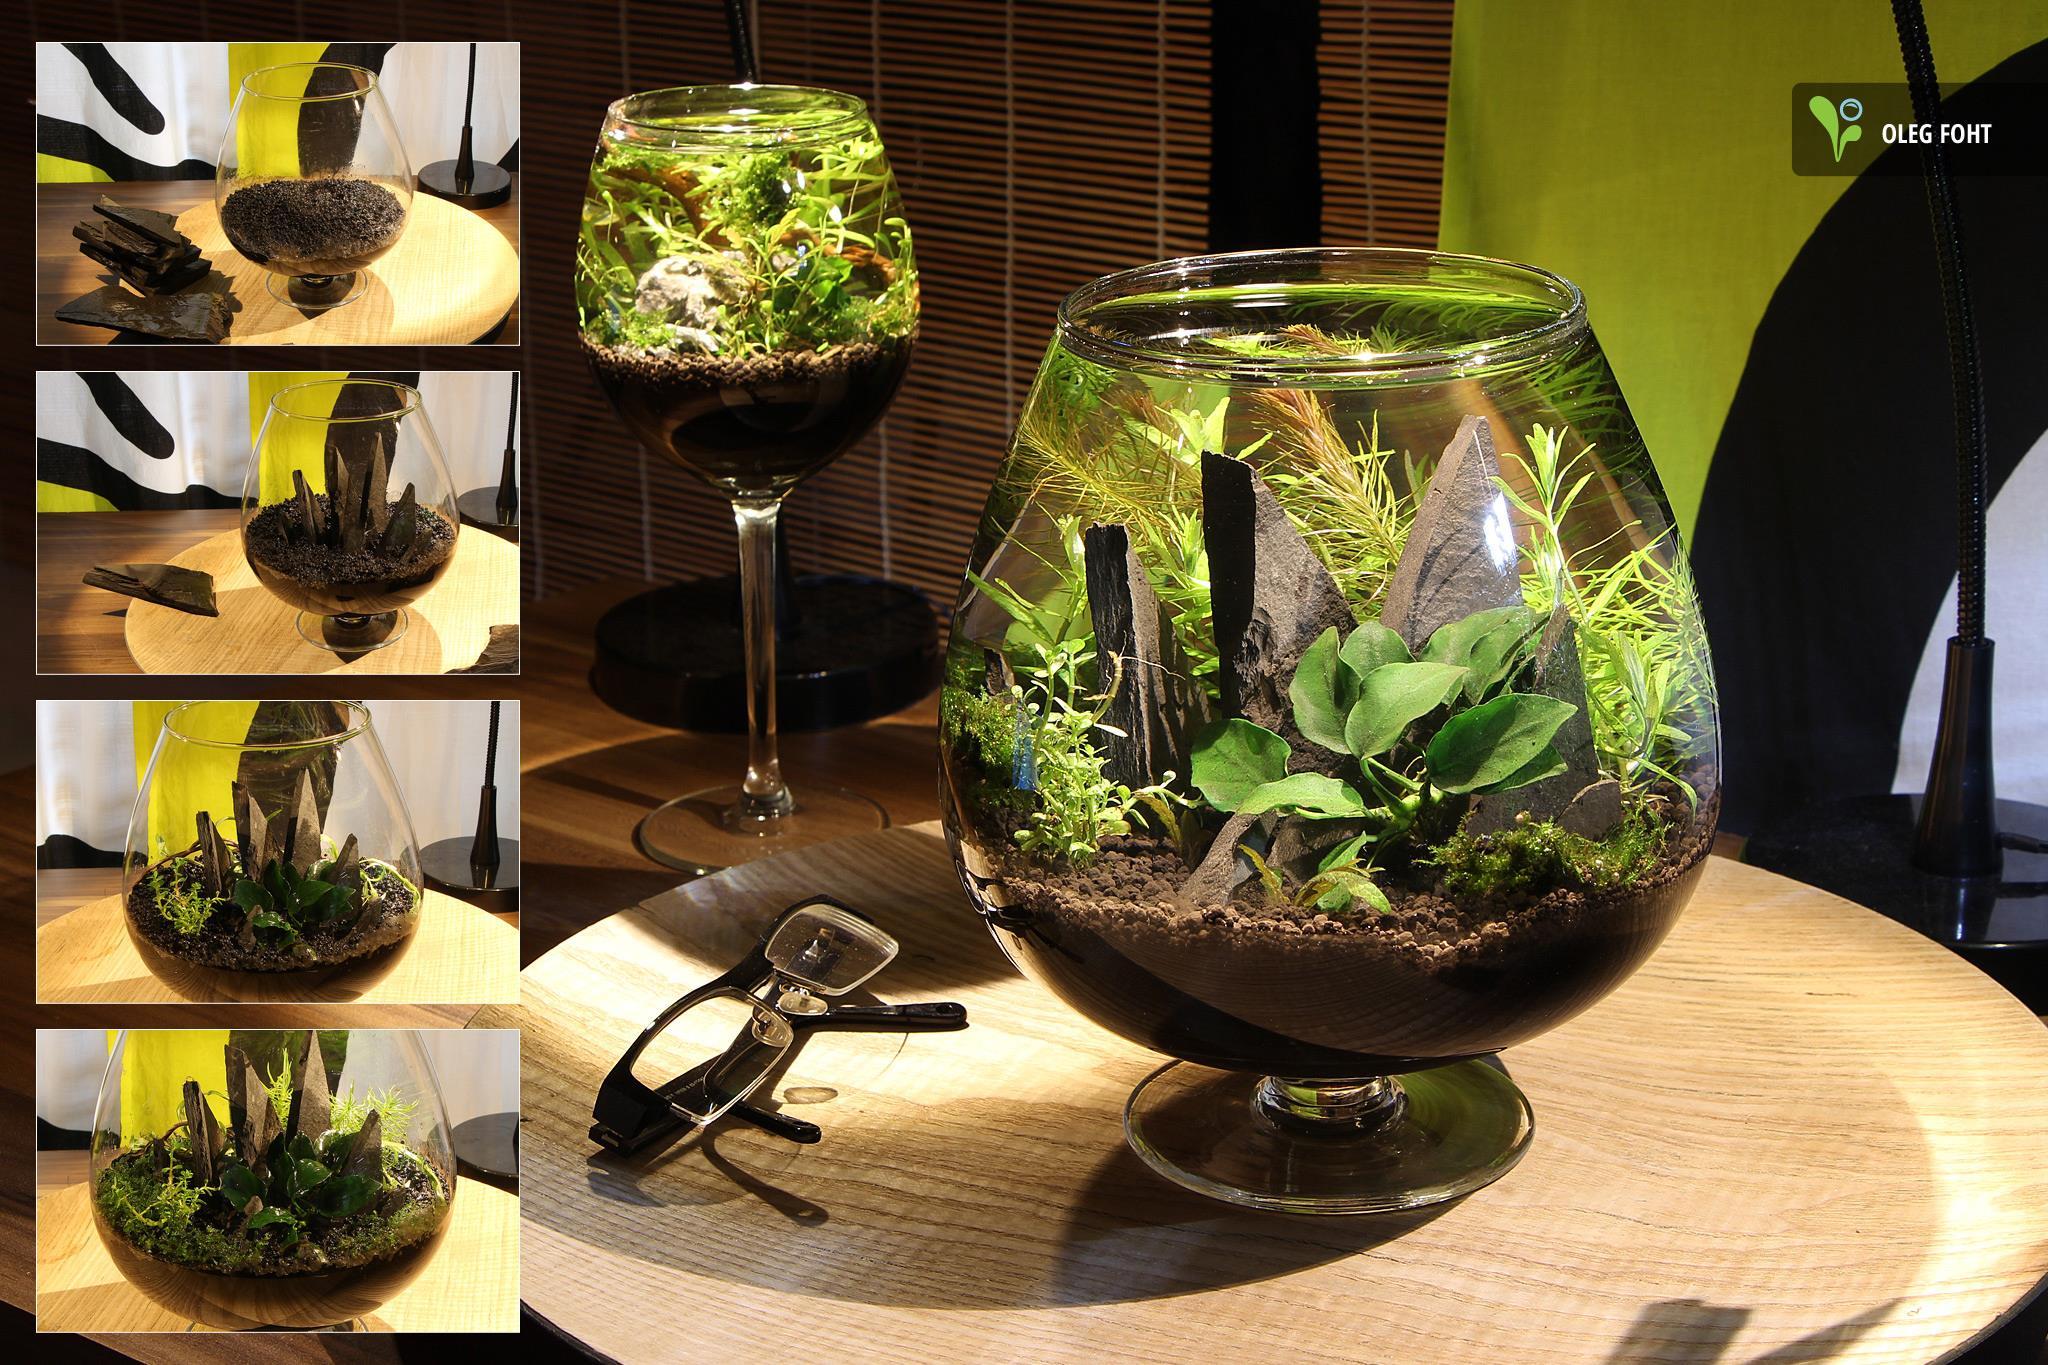 Oleg Foht - Miniature aqua